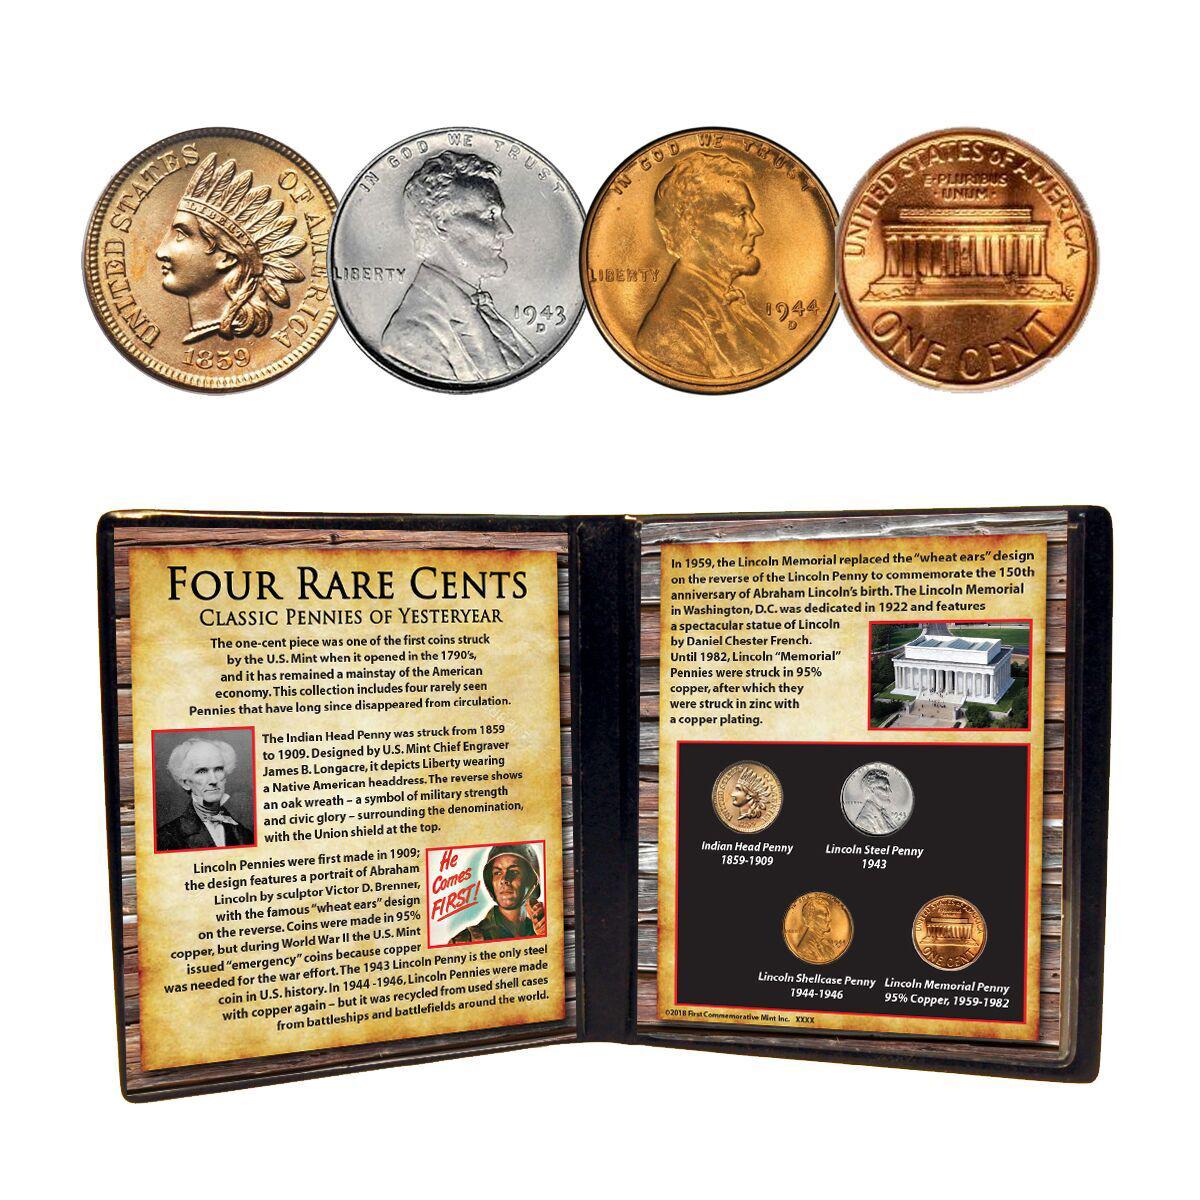 Four Rare Cents